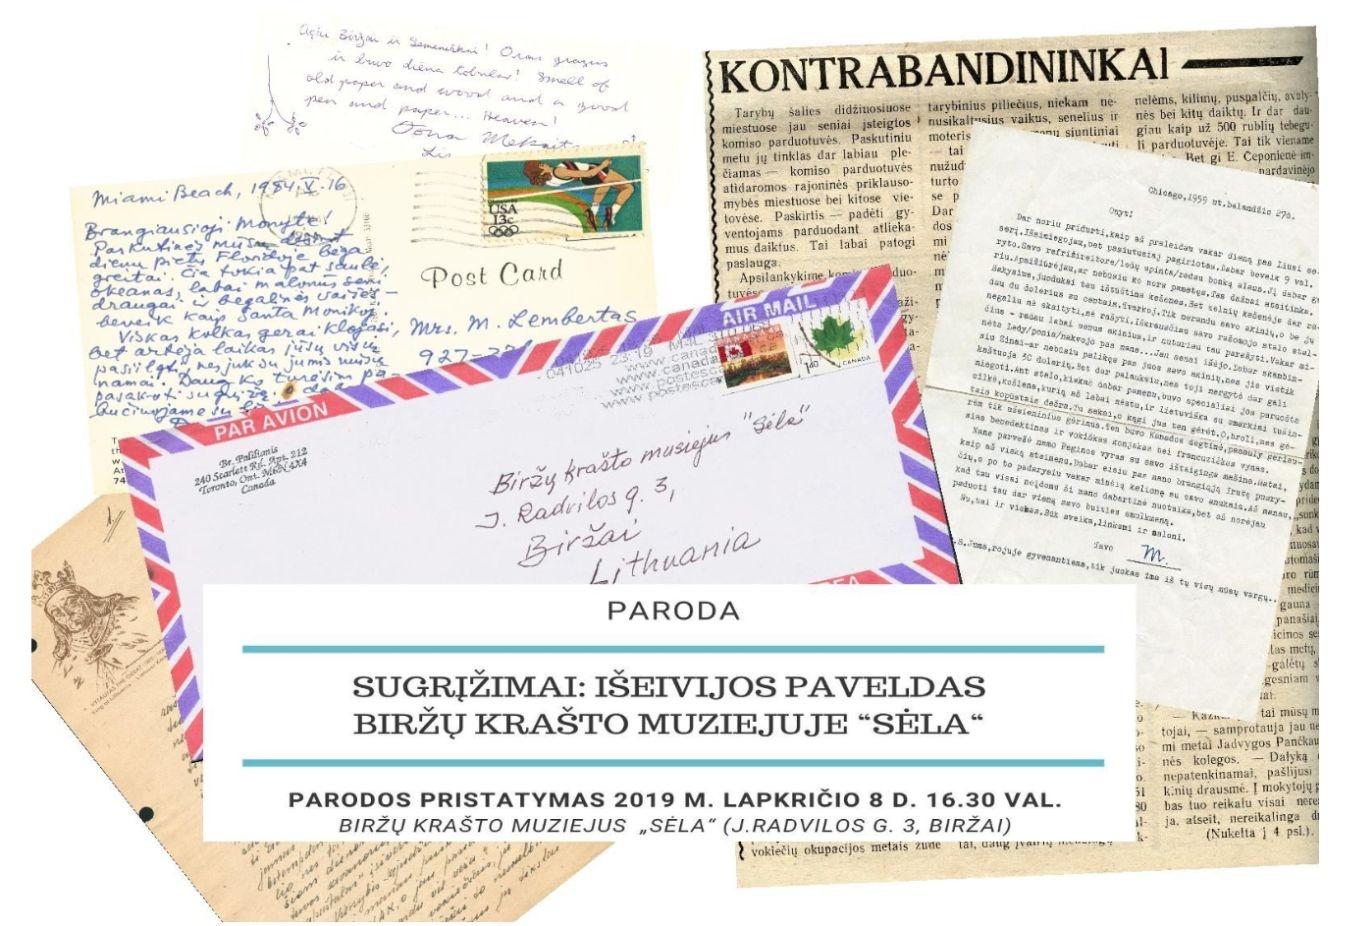 """Paroda """"Sugrįžimai: išeivijos paveldas Biržų krašto muziejuje """"Sėla"""" (ir ne tik...)"""""""